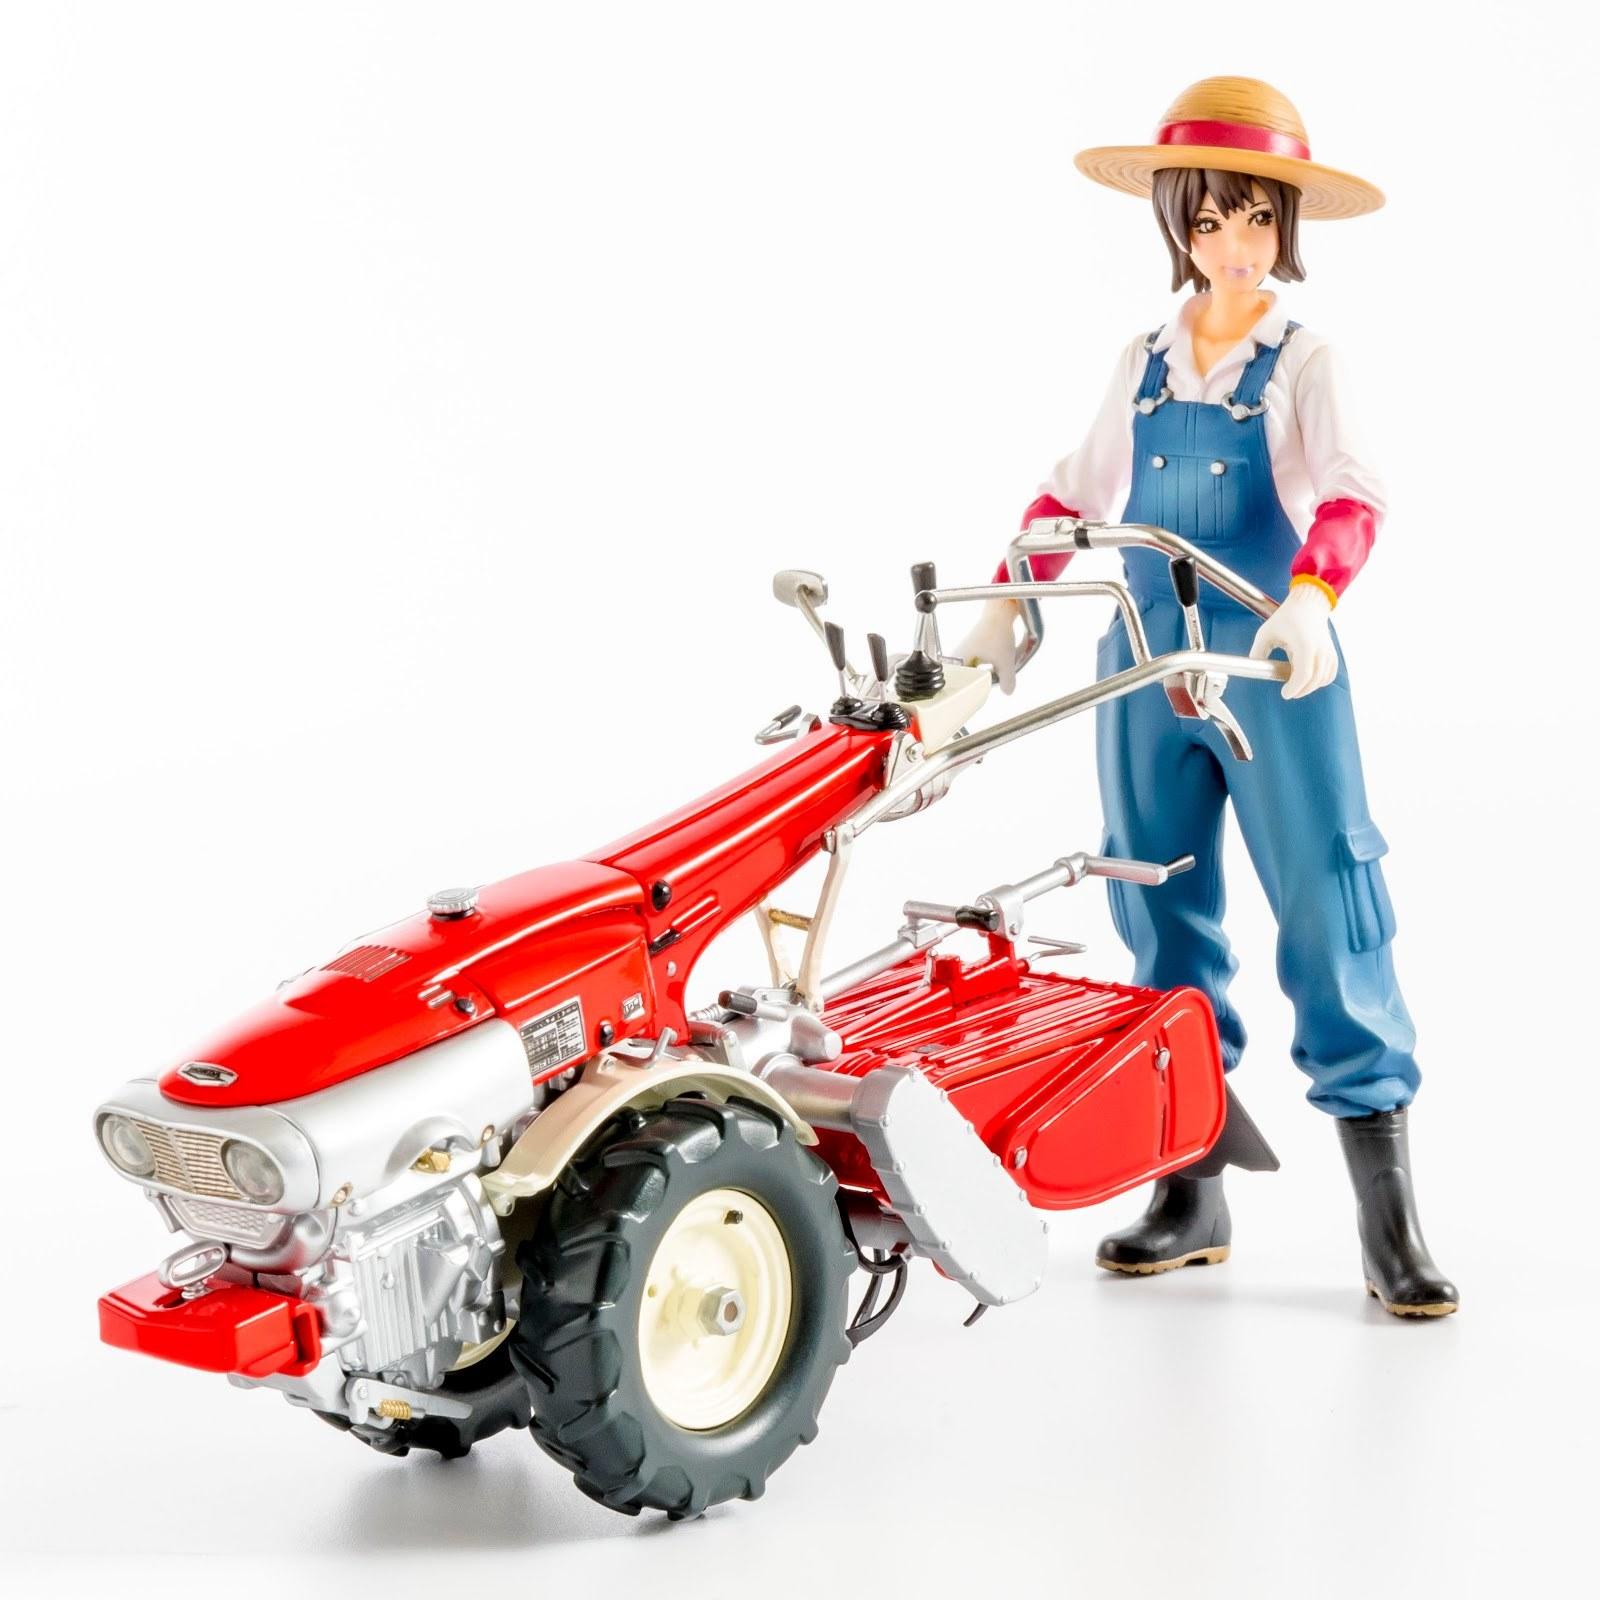 タイムレスなデザインは美しい!耕うん機&農ガールのプラモデルが案内開始です。_f0395912_16033607.jpg